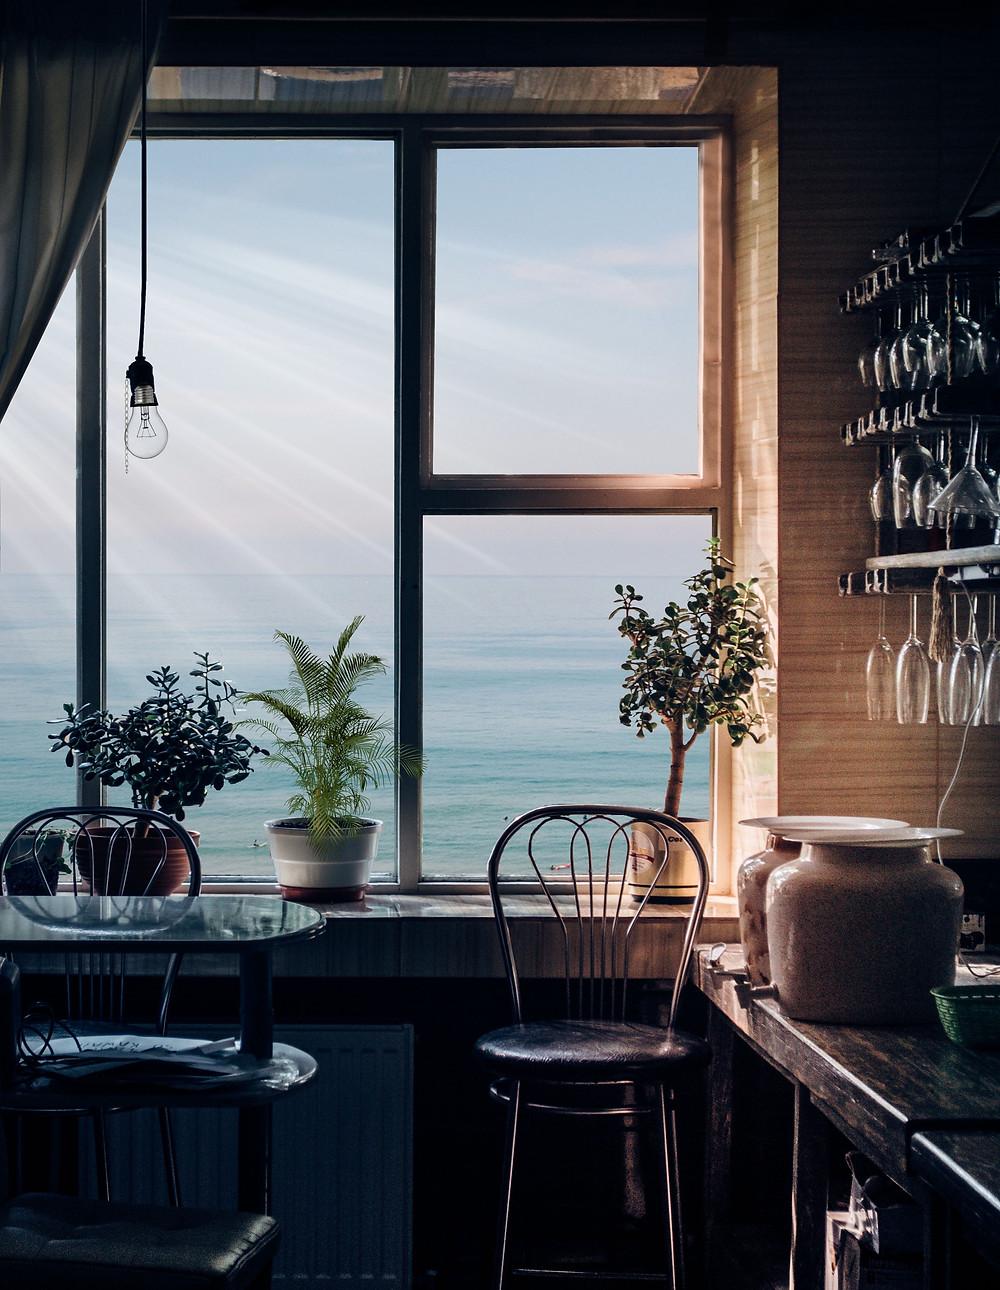 House overlooking ocean